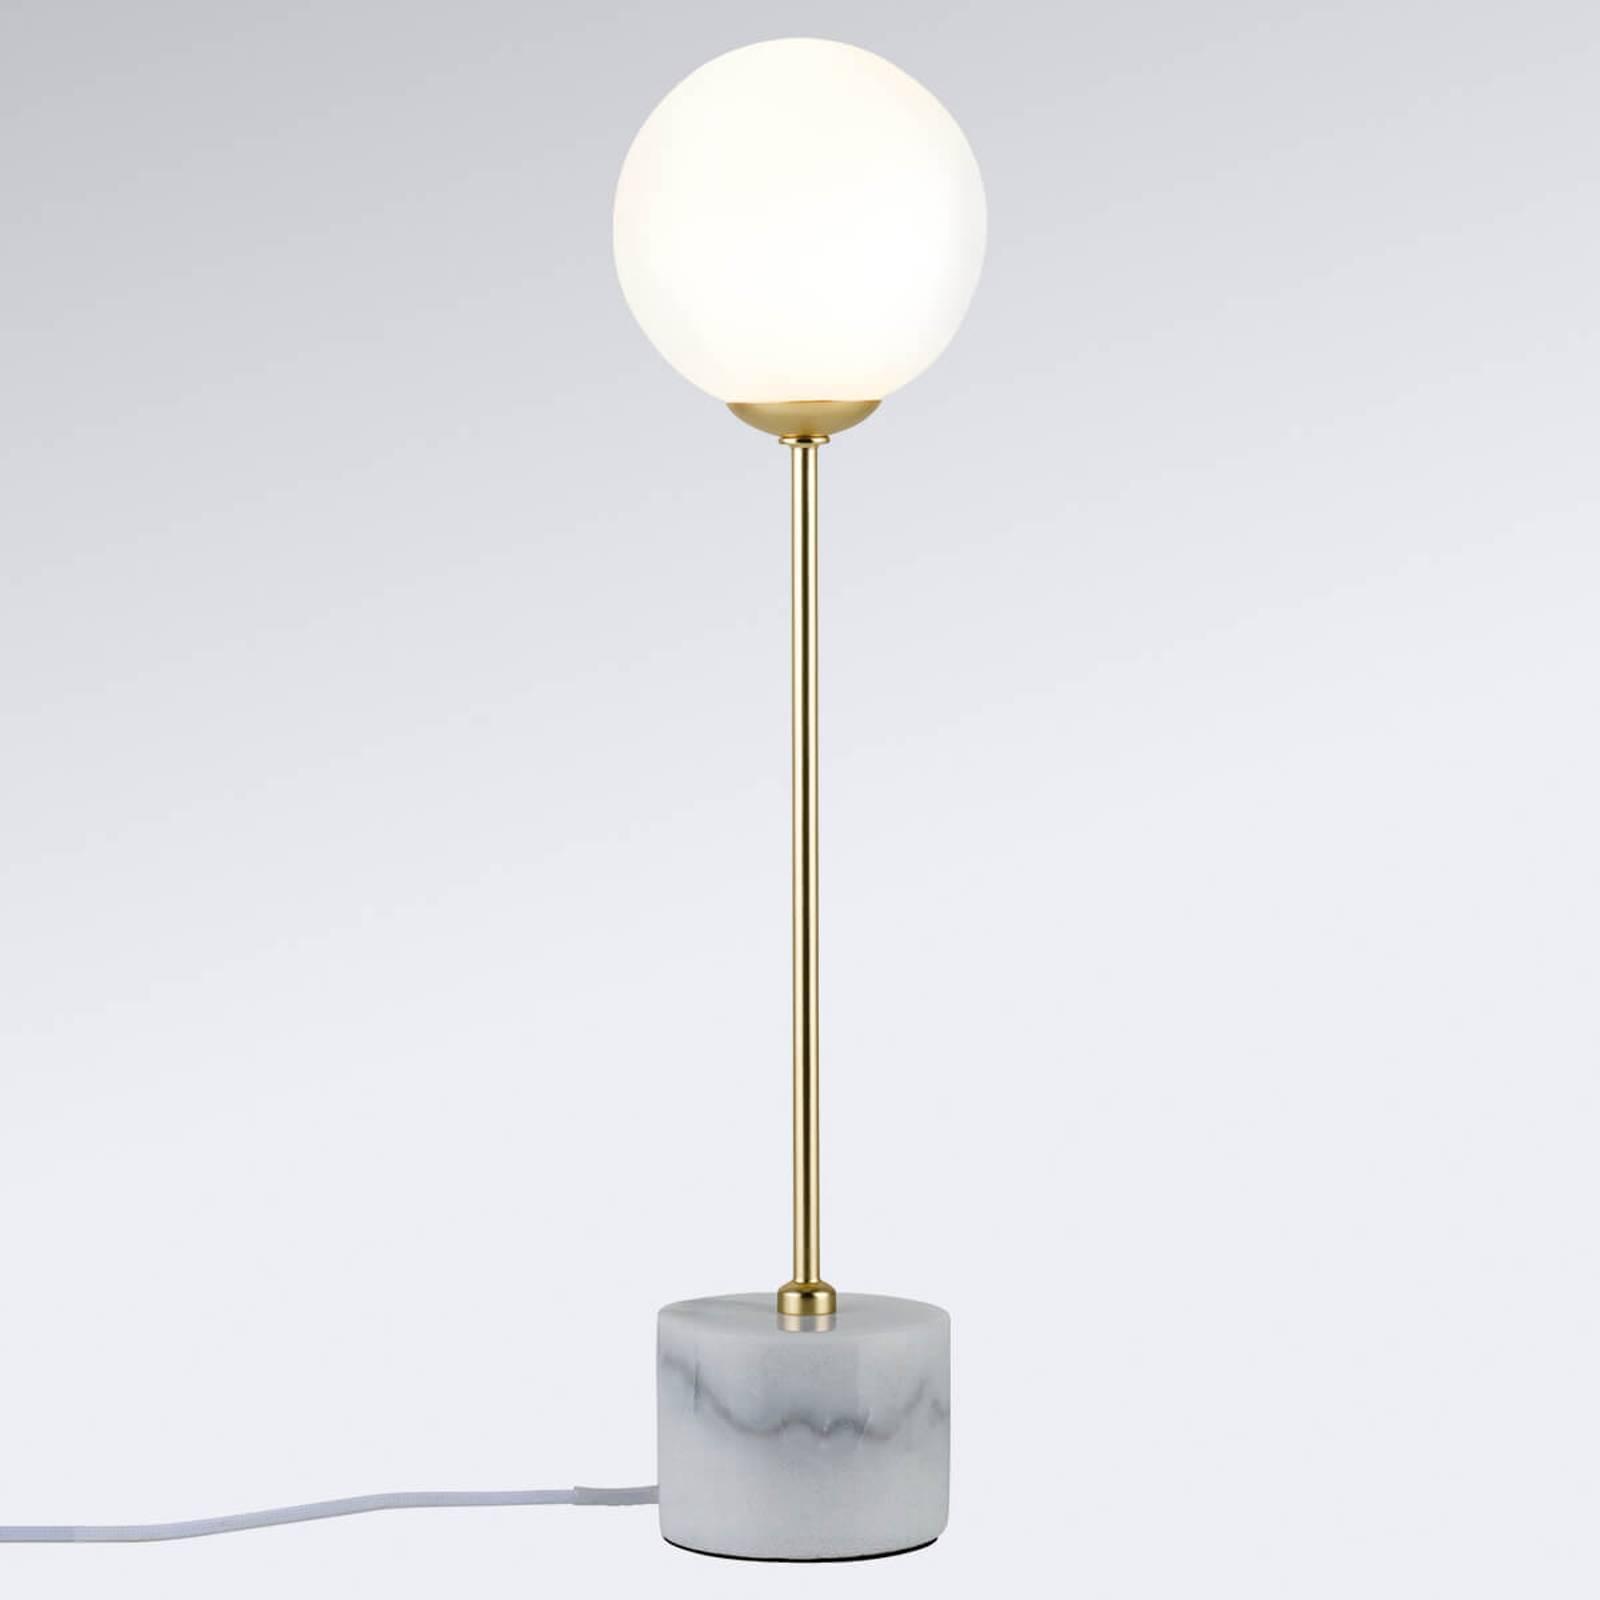 Sympathisch Coole Nachttischlampe Galerie Von Paulmann Moa Tischleuchte Mit Marmorsockel Von Paulmann